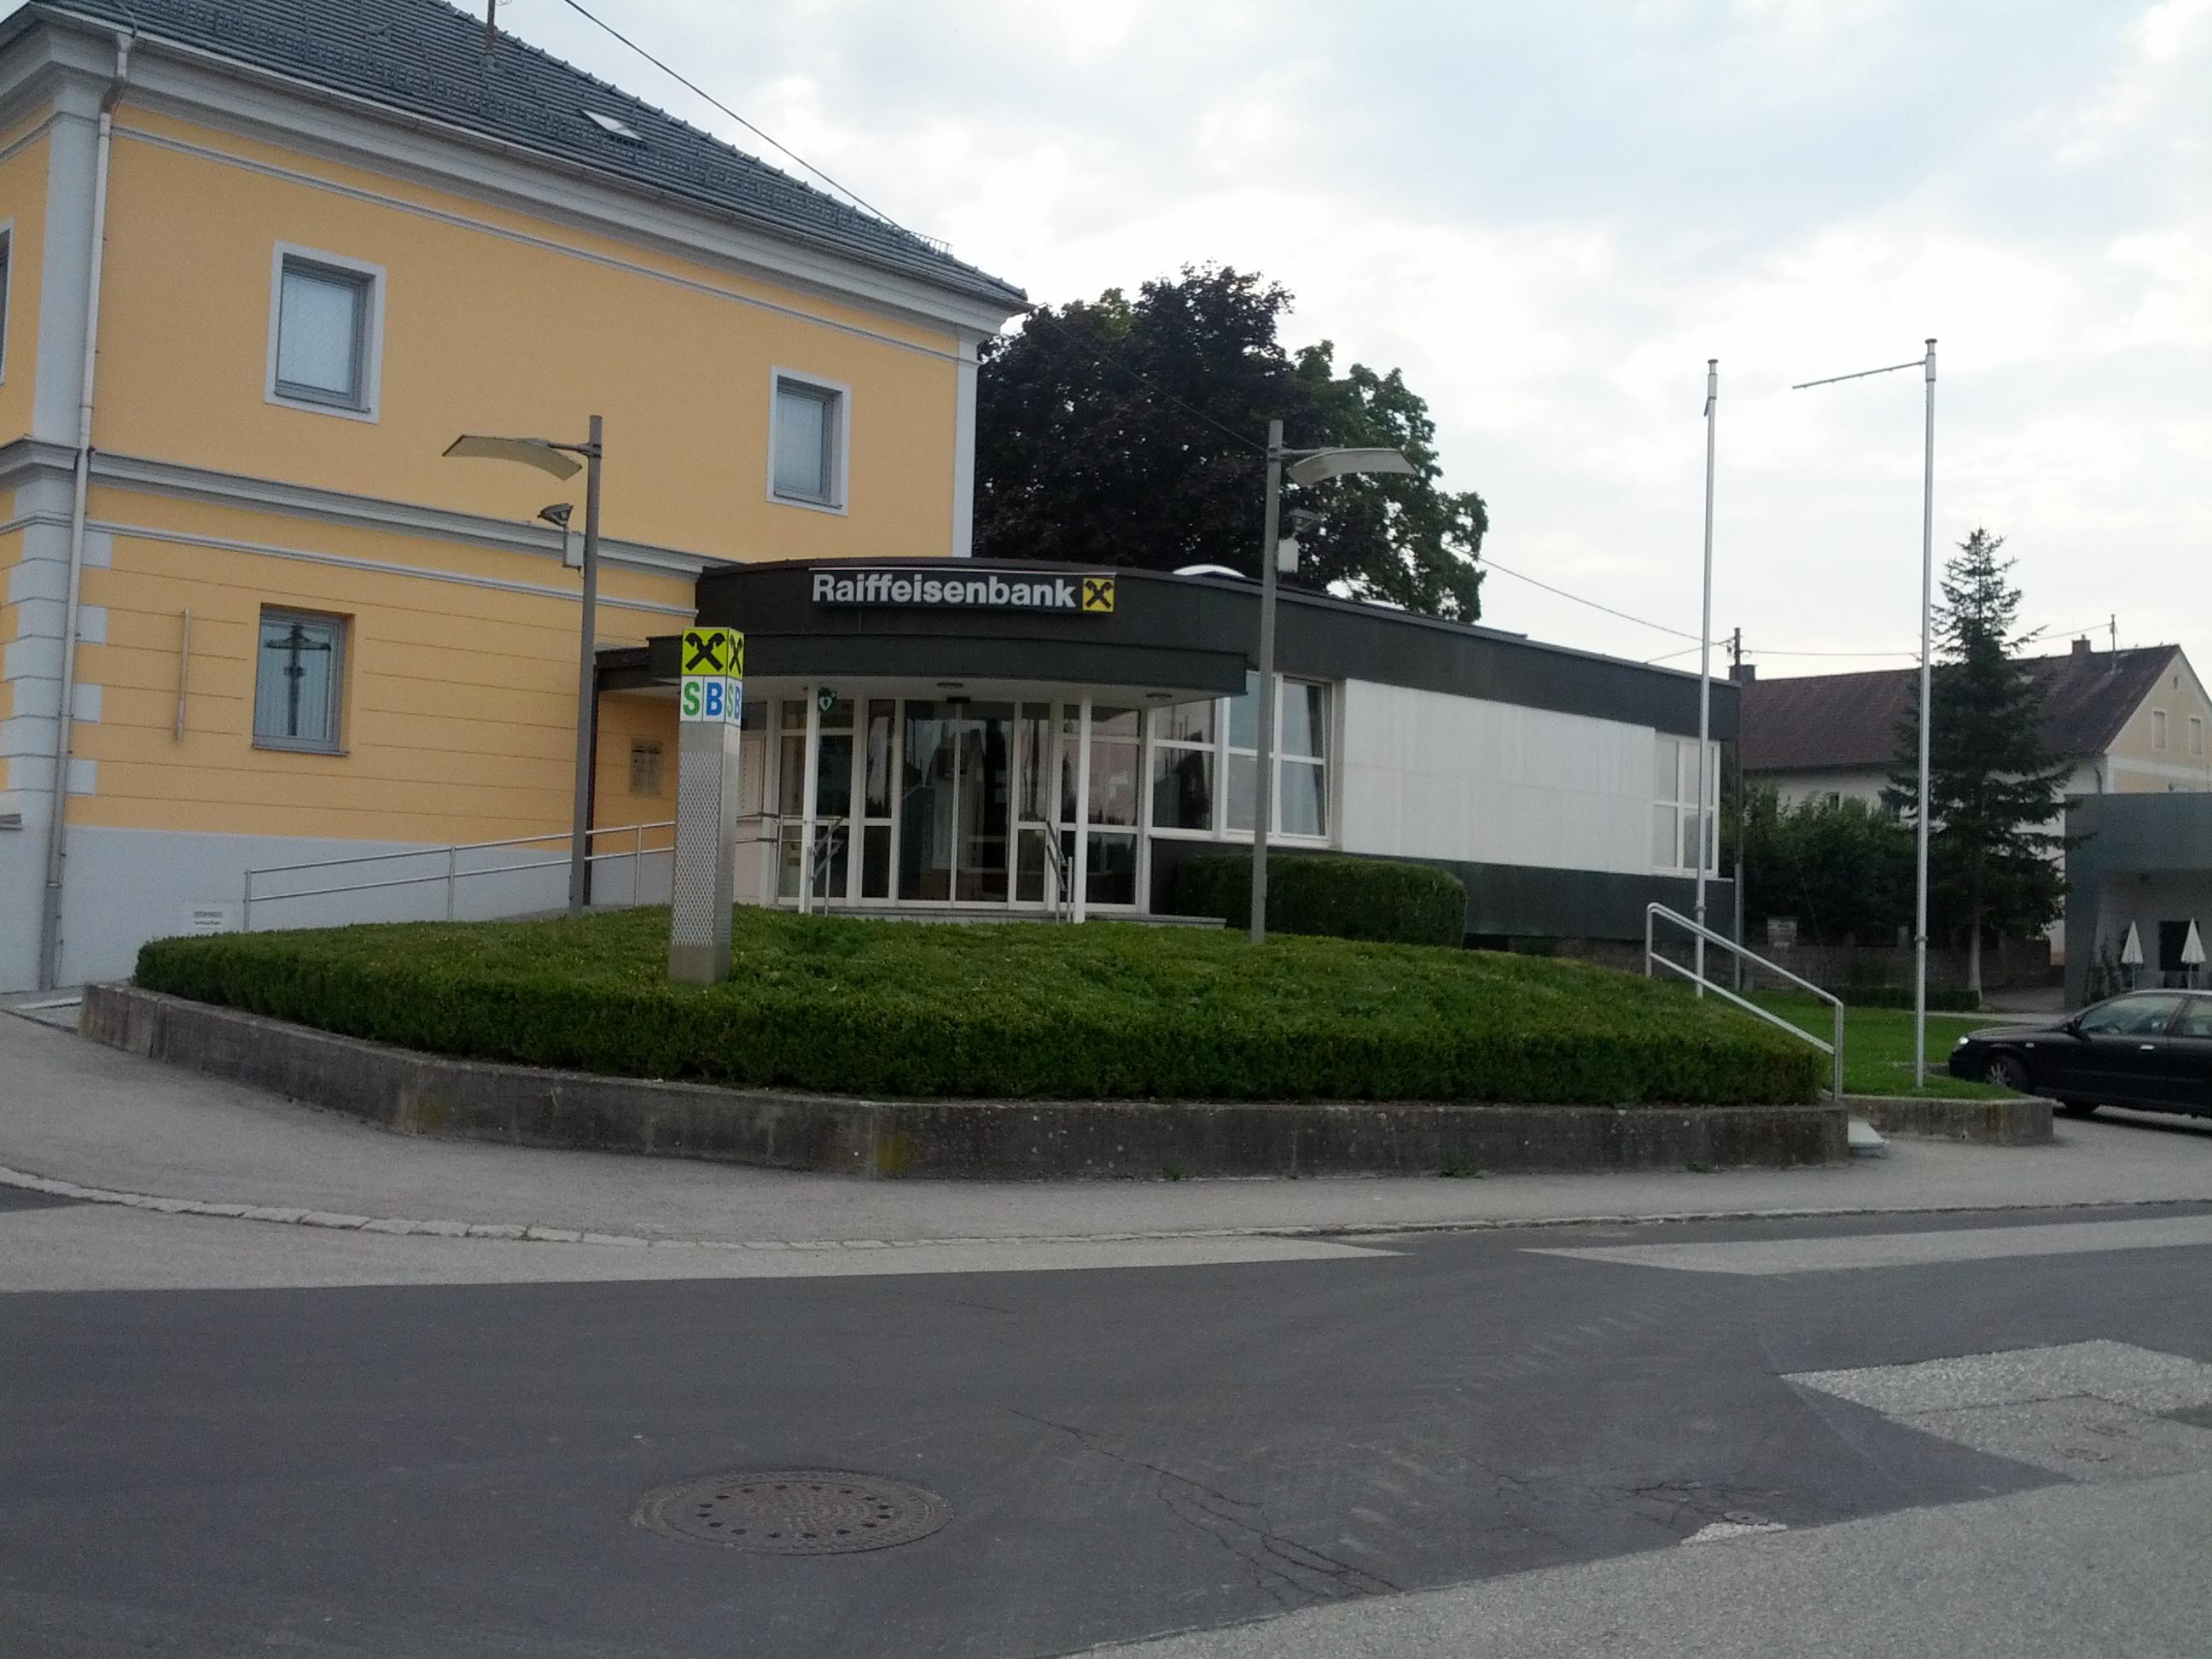 Raiffeisenbank St. Marien reg. Gen. m. b. H.